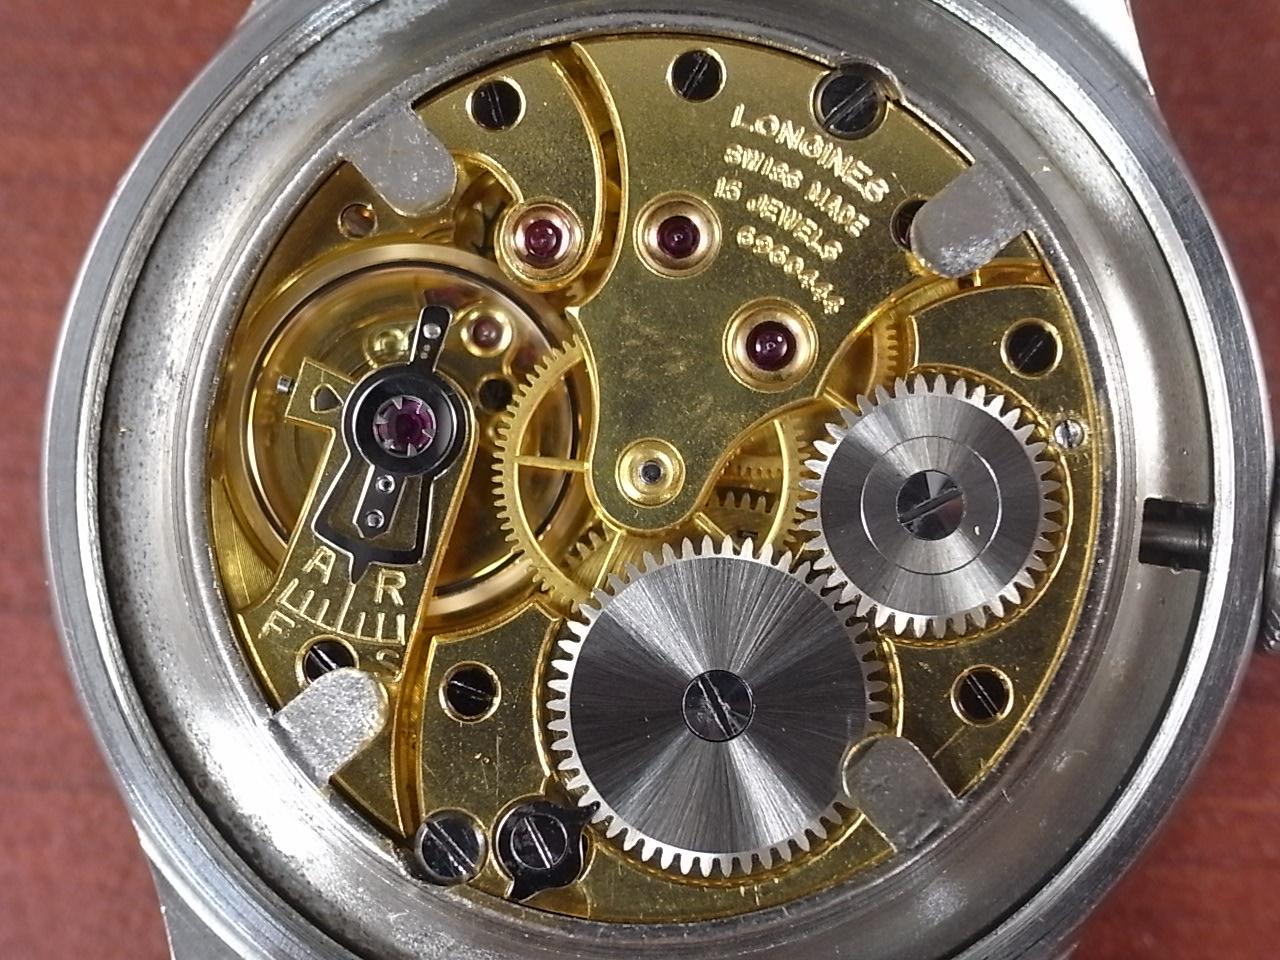 ロンジン 軍用時計 英陸軍 グリーンランダー Cal.12.68Z 1940年代の写真5枚目